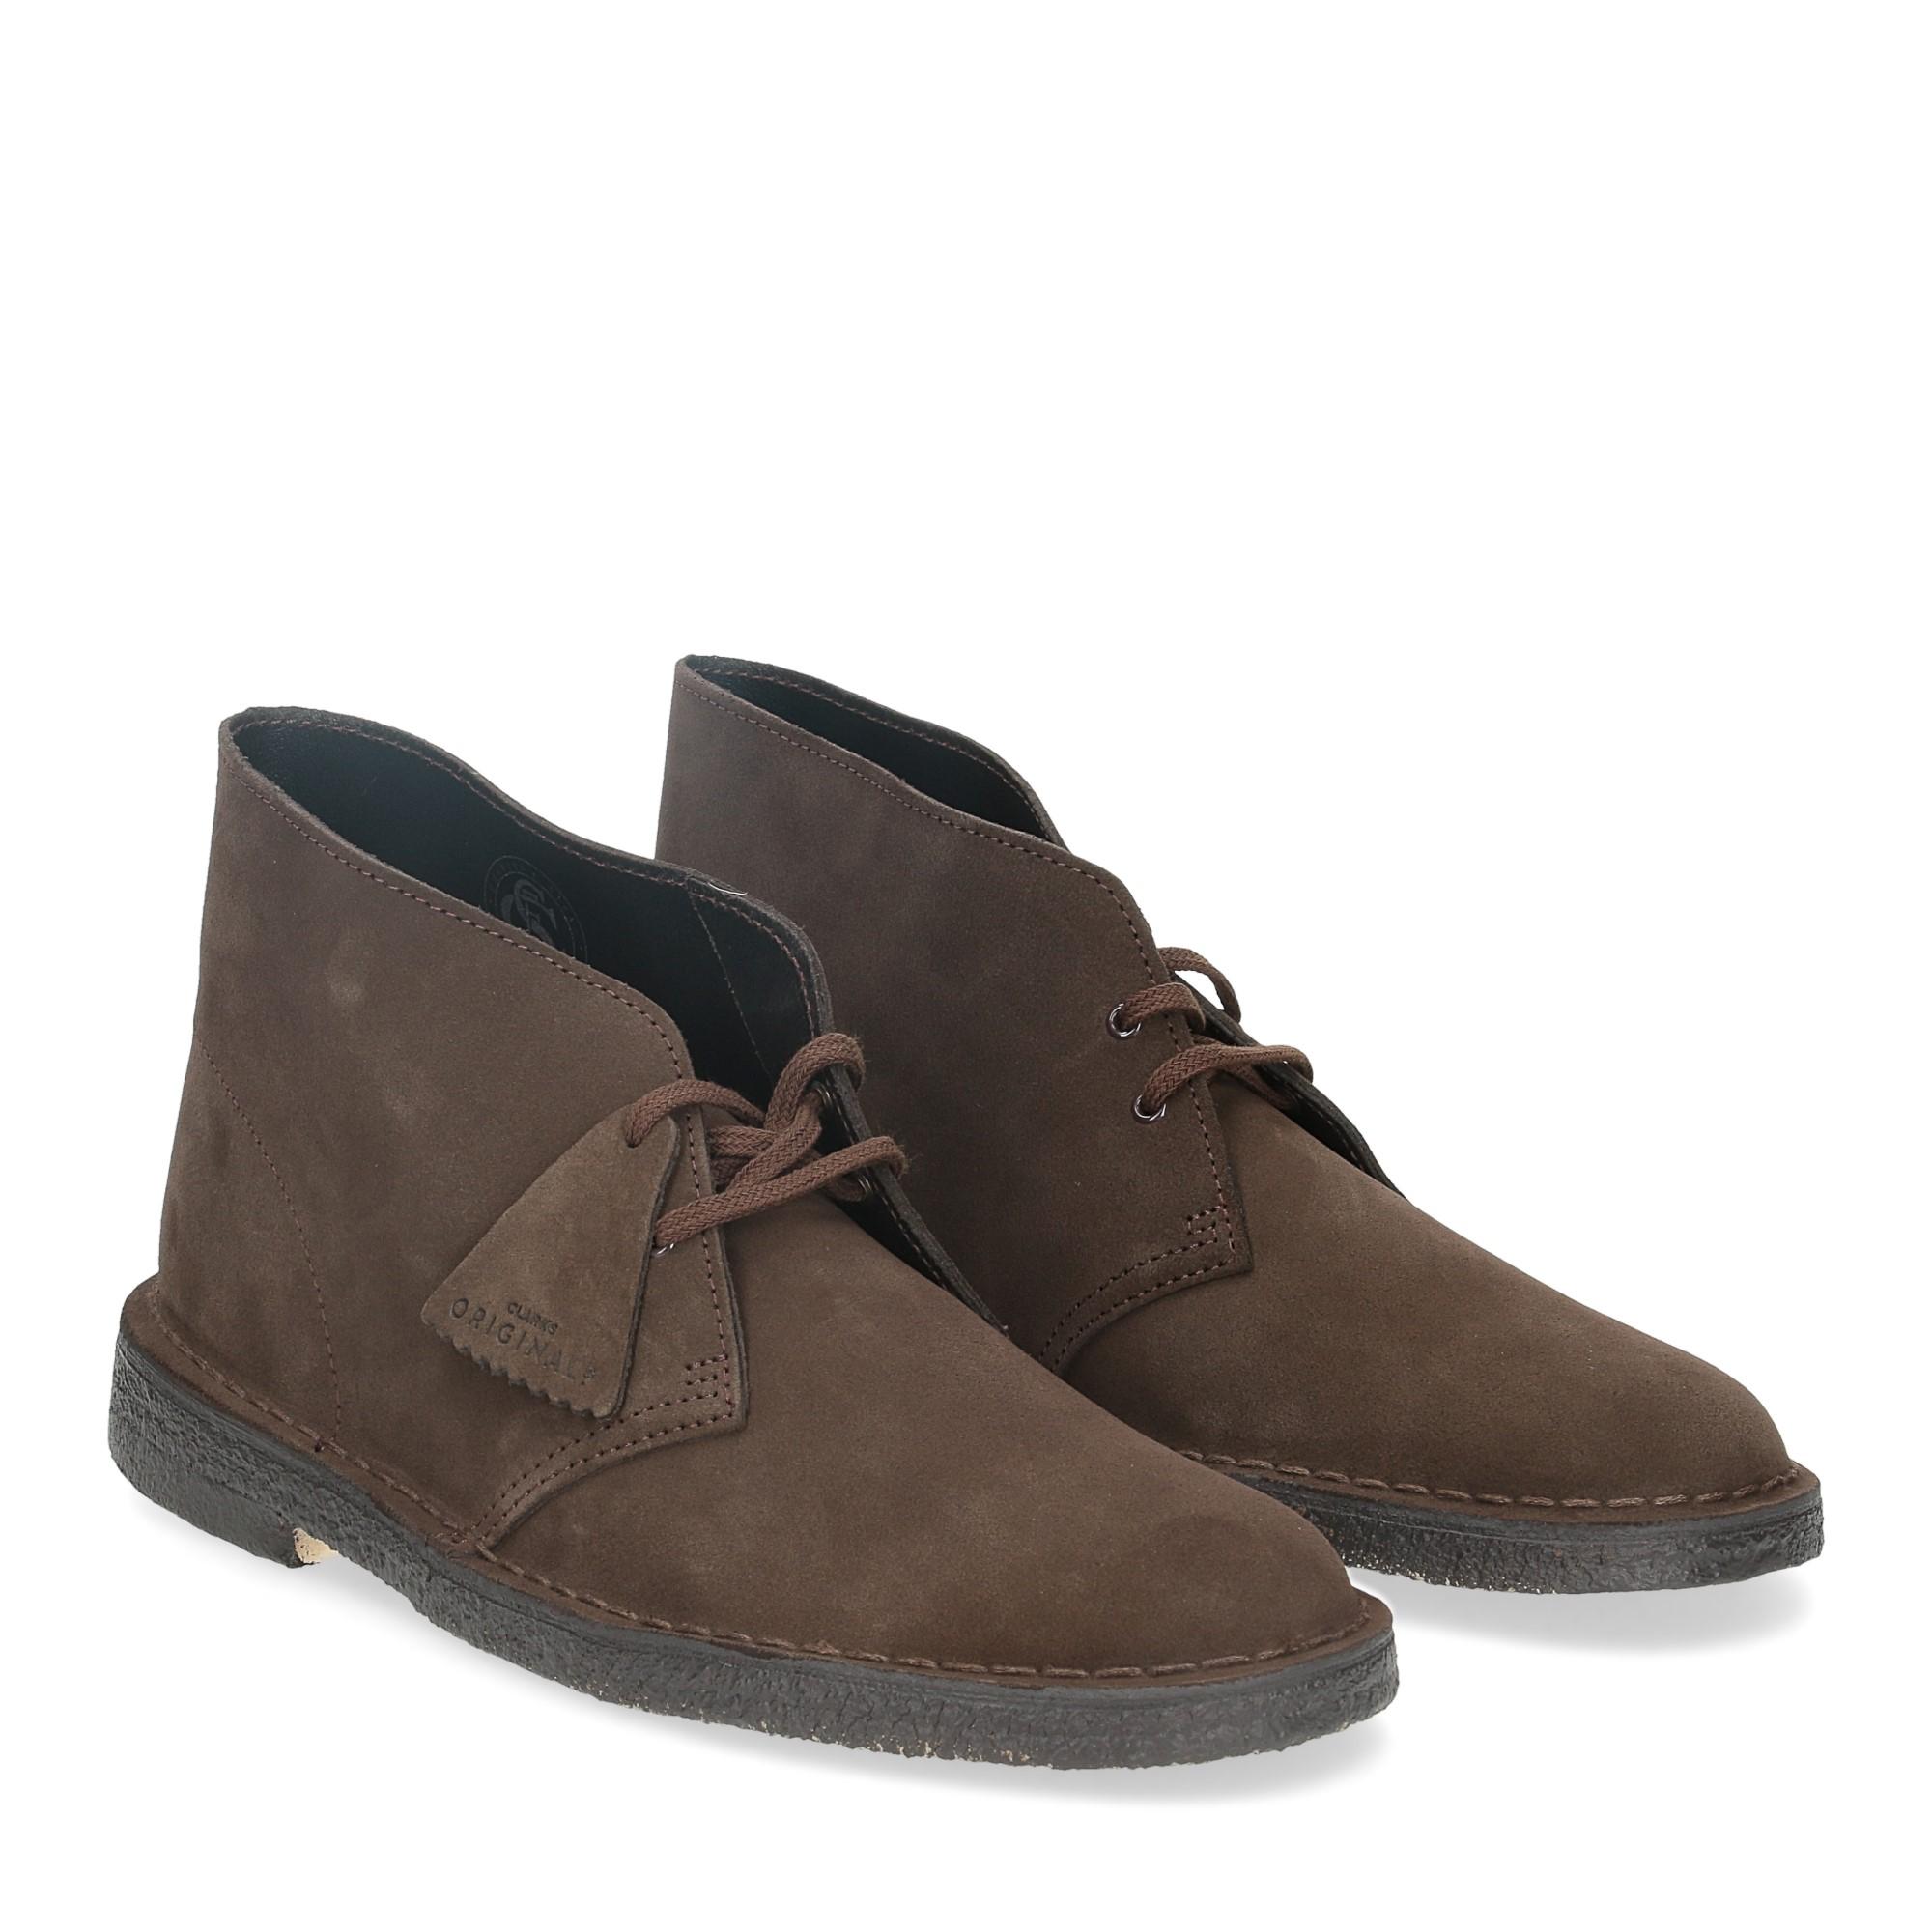 Clarks Original Desert Boot brown suede